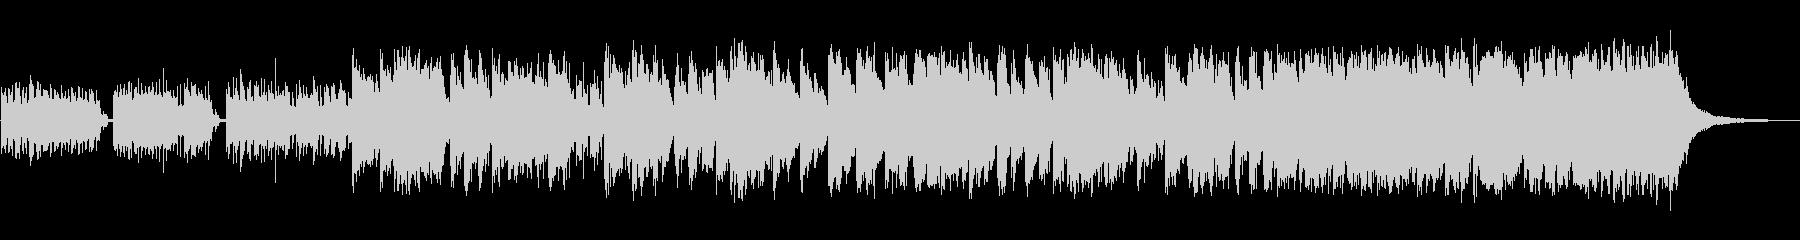 複数の楽器が重なったシンセサイザー音の未再生の波形